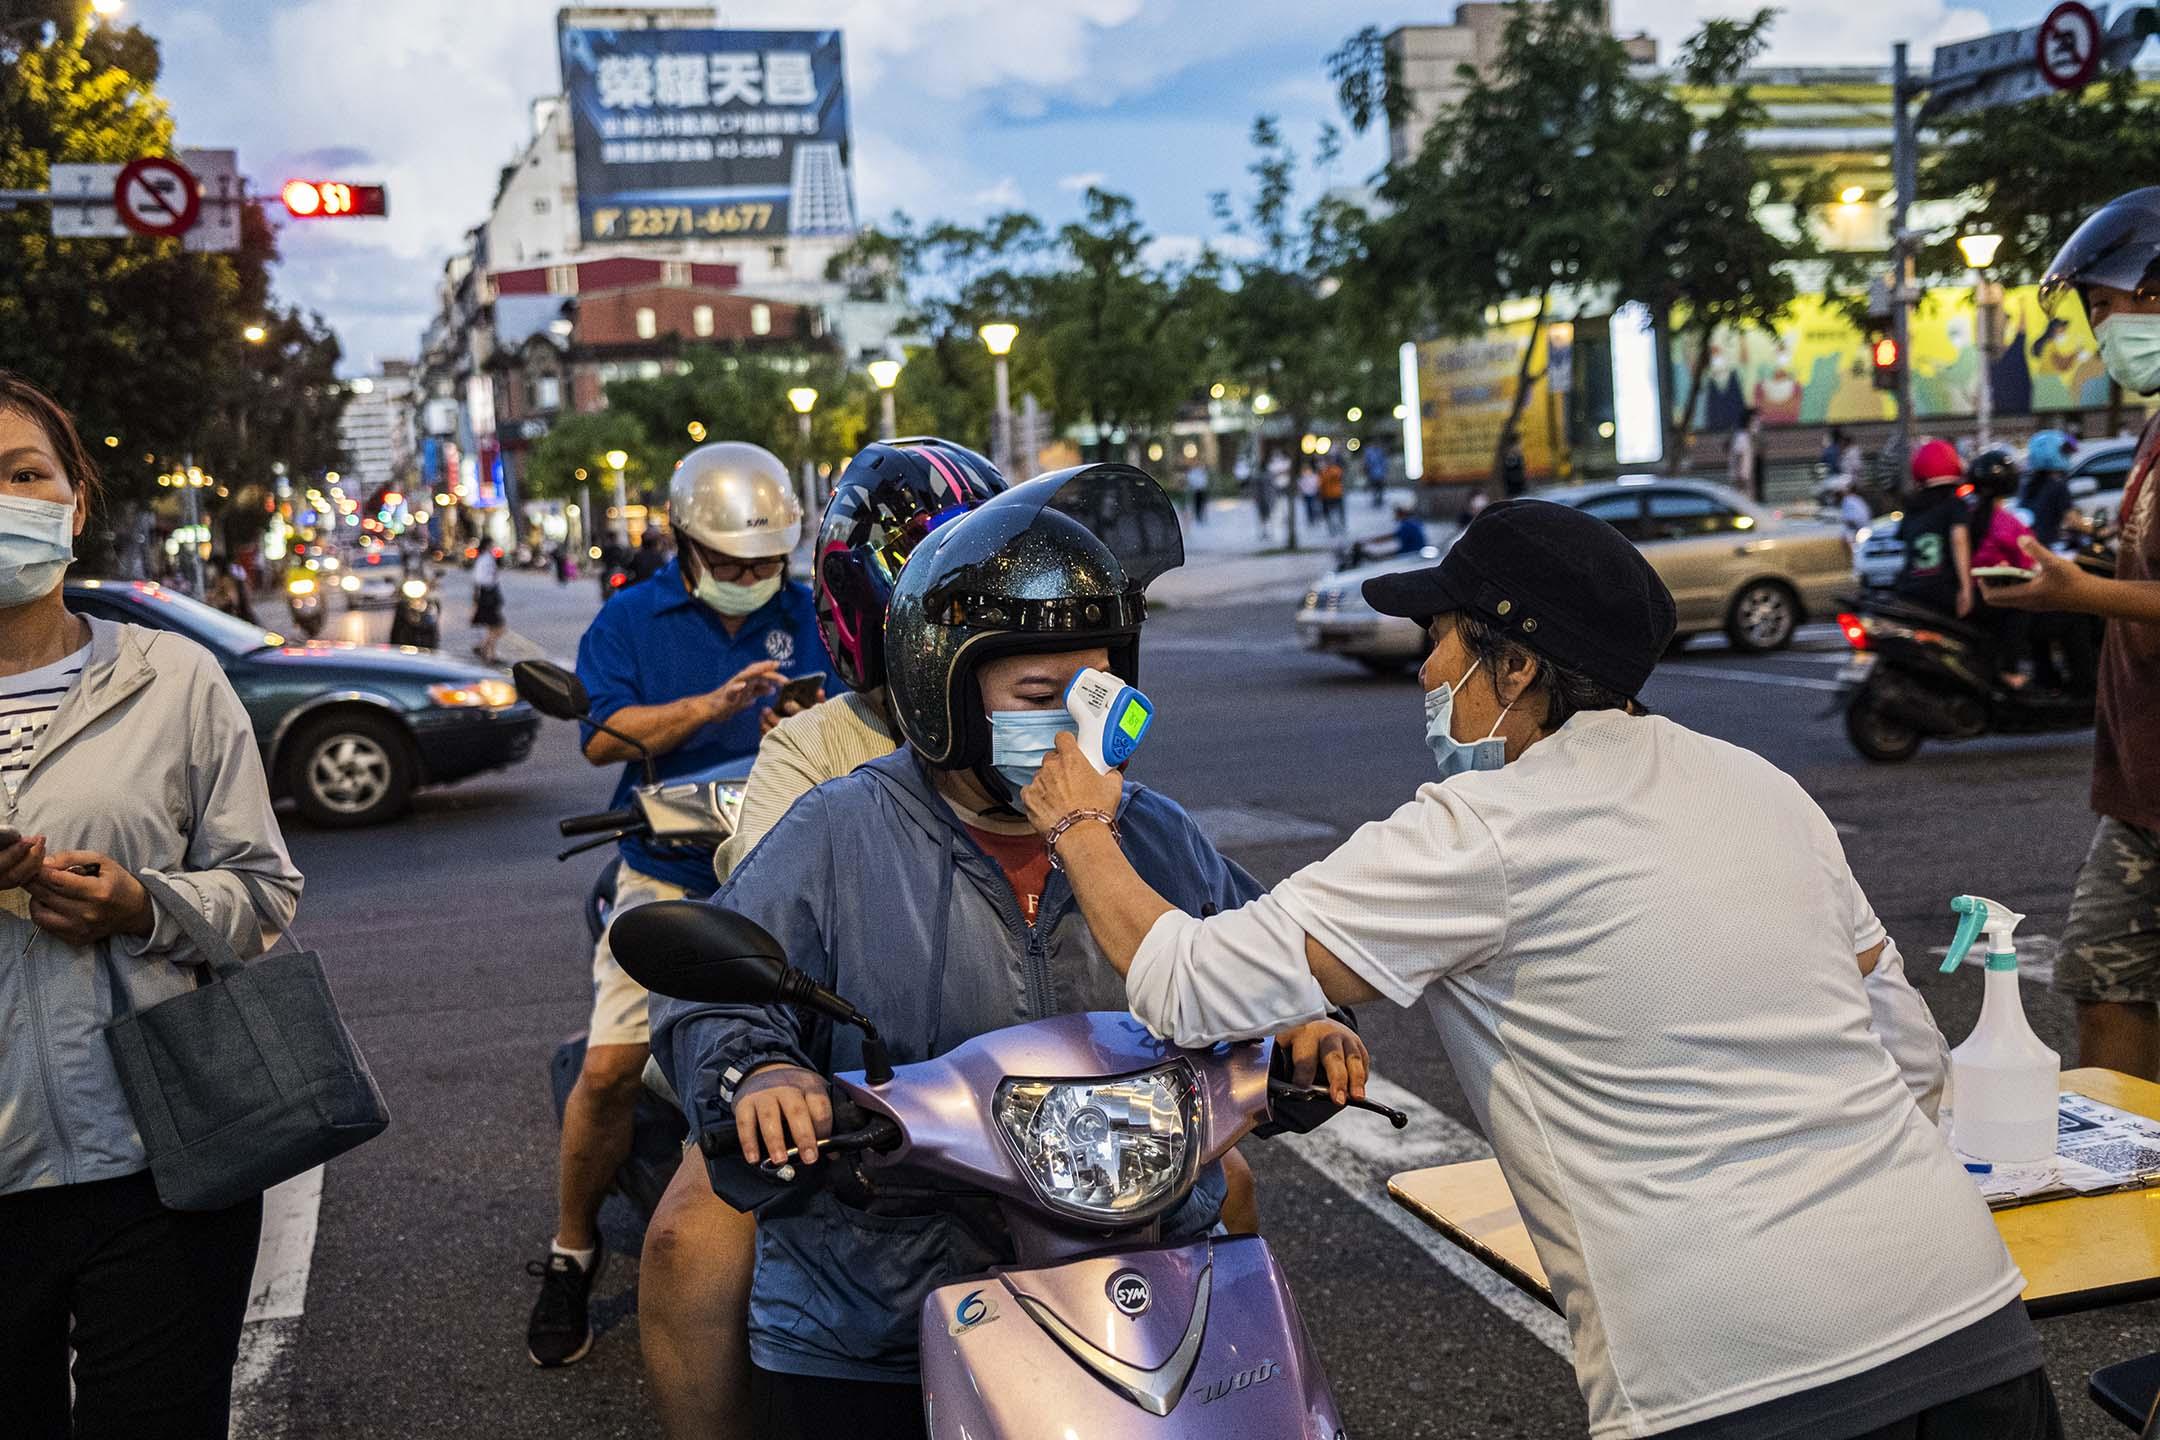 2021年9月10日台北龍山寺,市民進入夜市前要先檢查體温。 攝:陳焯煇/端傳媒